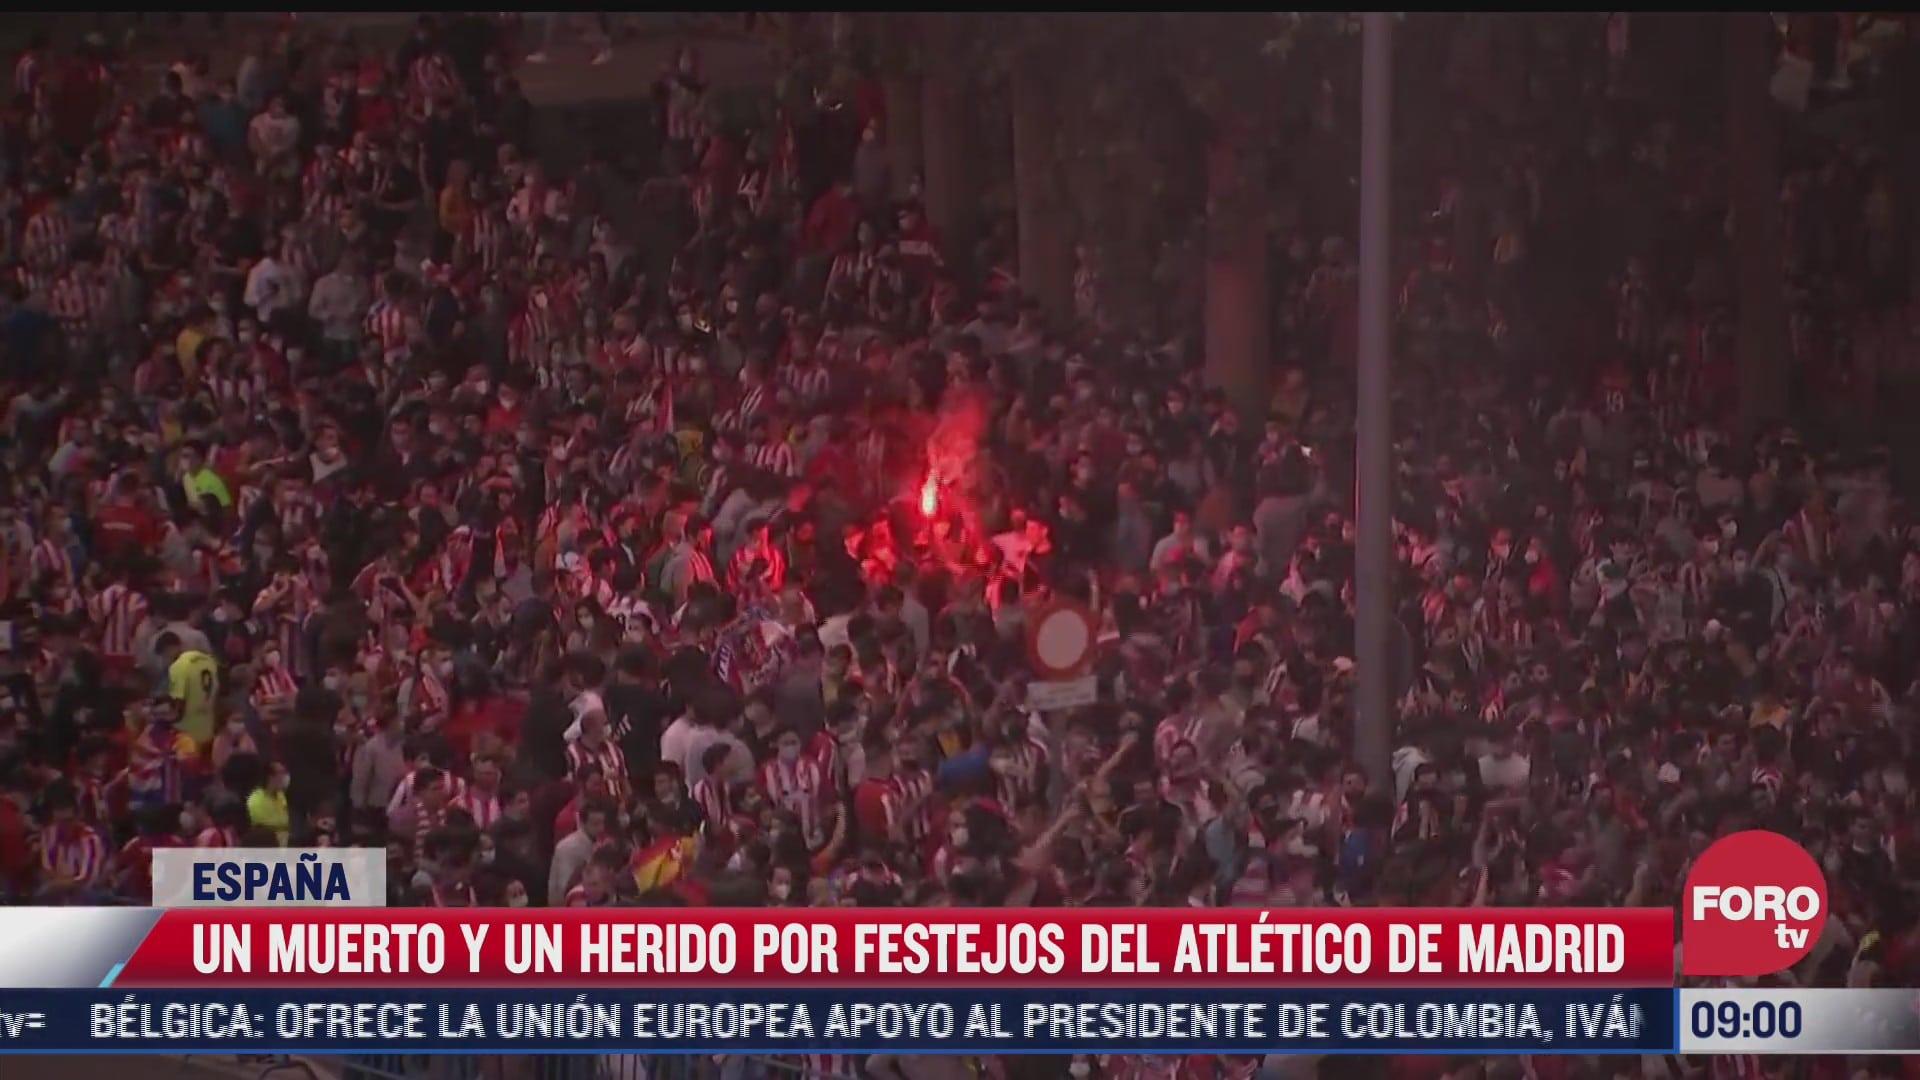 miles de aficionados espanoles celebran el titulo de liga del atletico de madrid